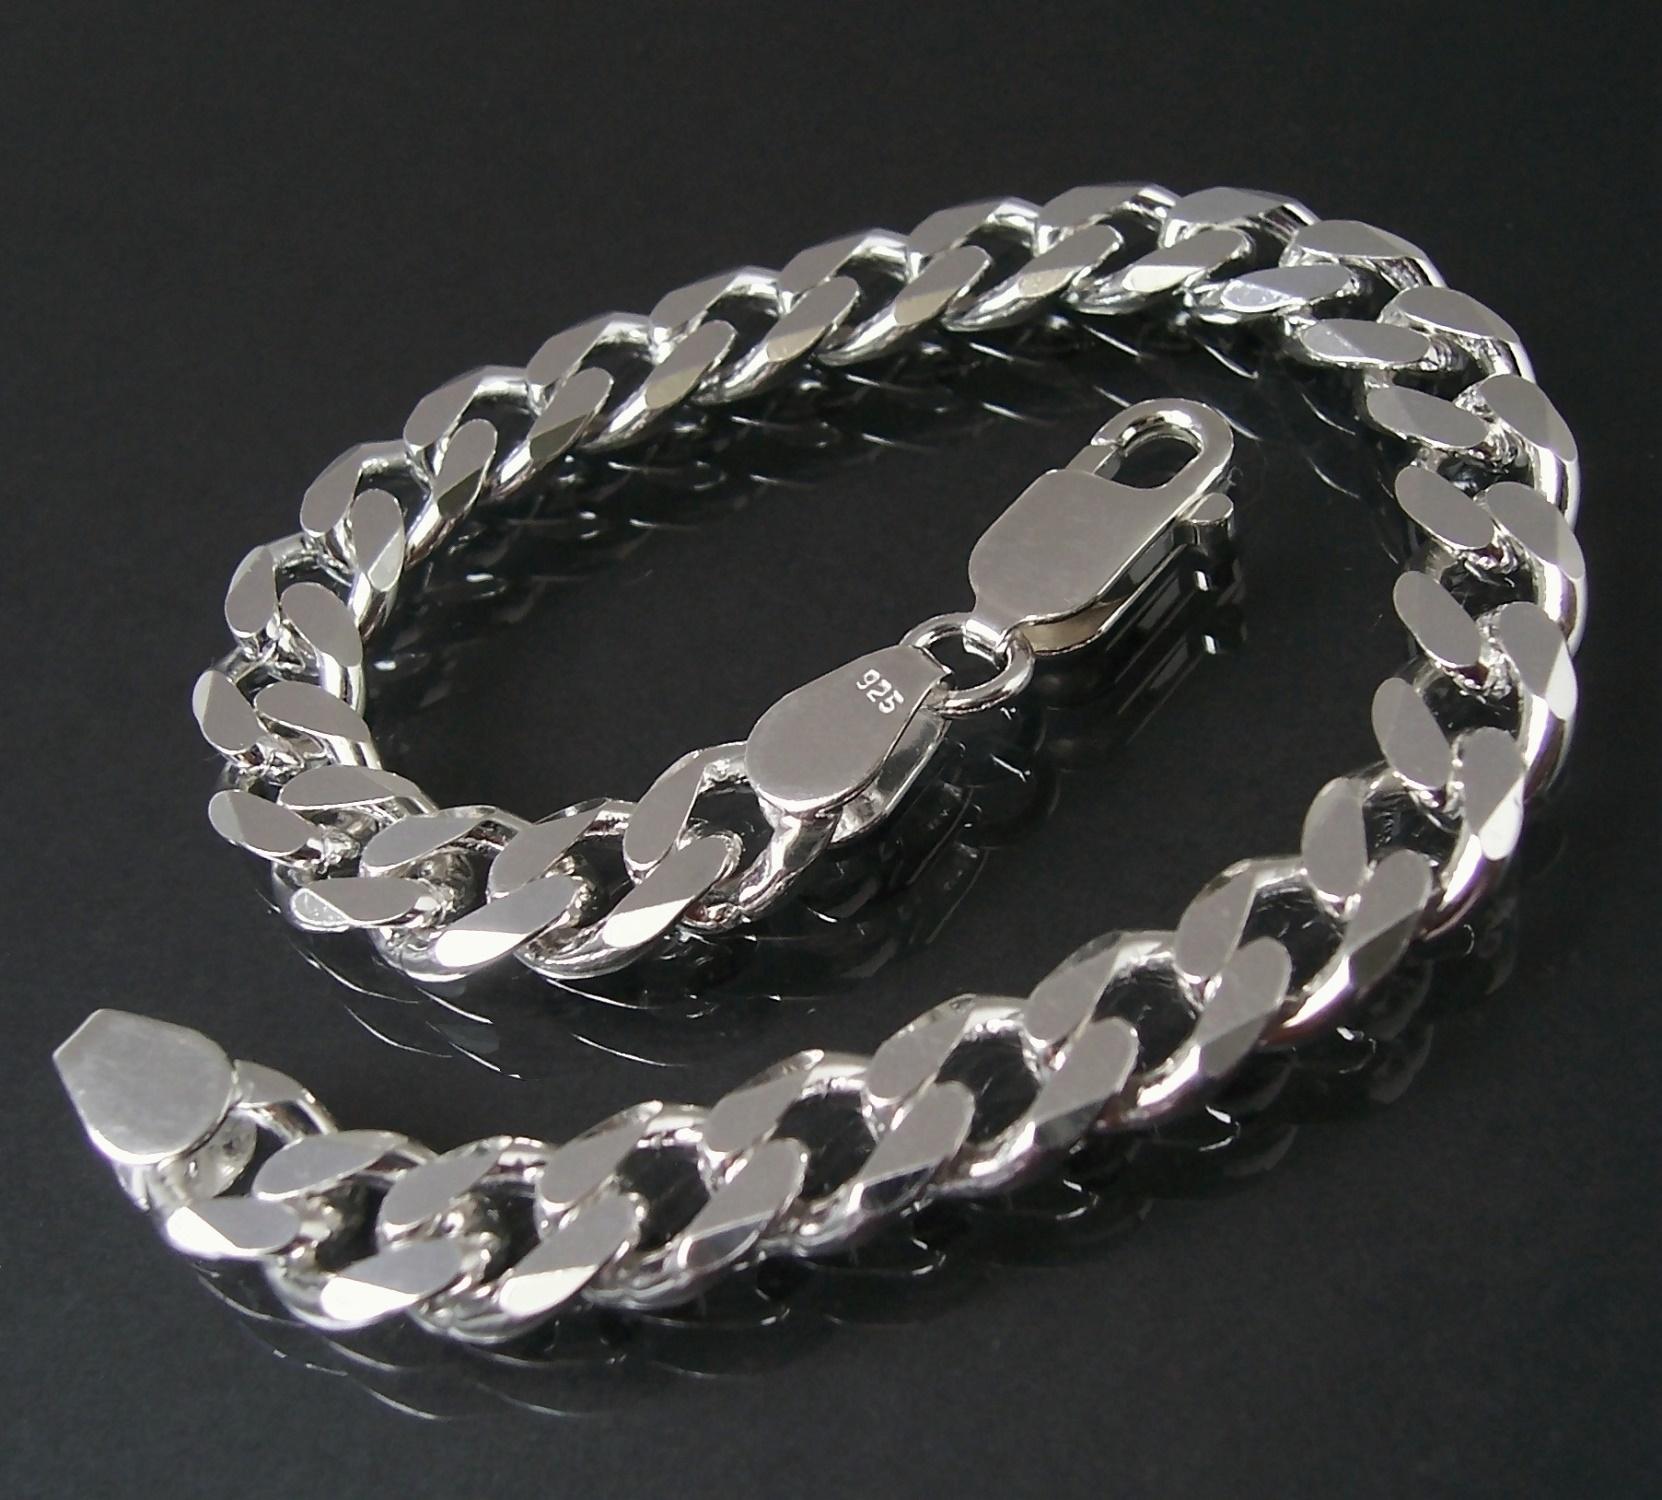 Armband Silberarmband Panzerarmband Sterlingsilber 8mm 23cm 13580-23